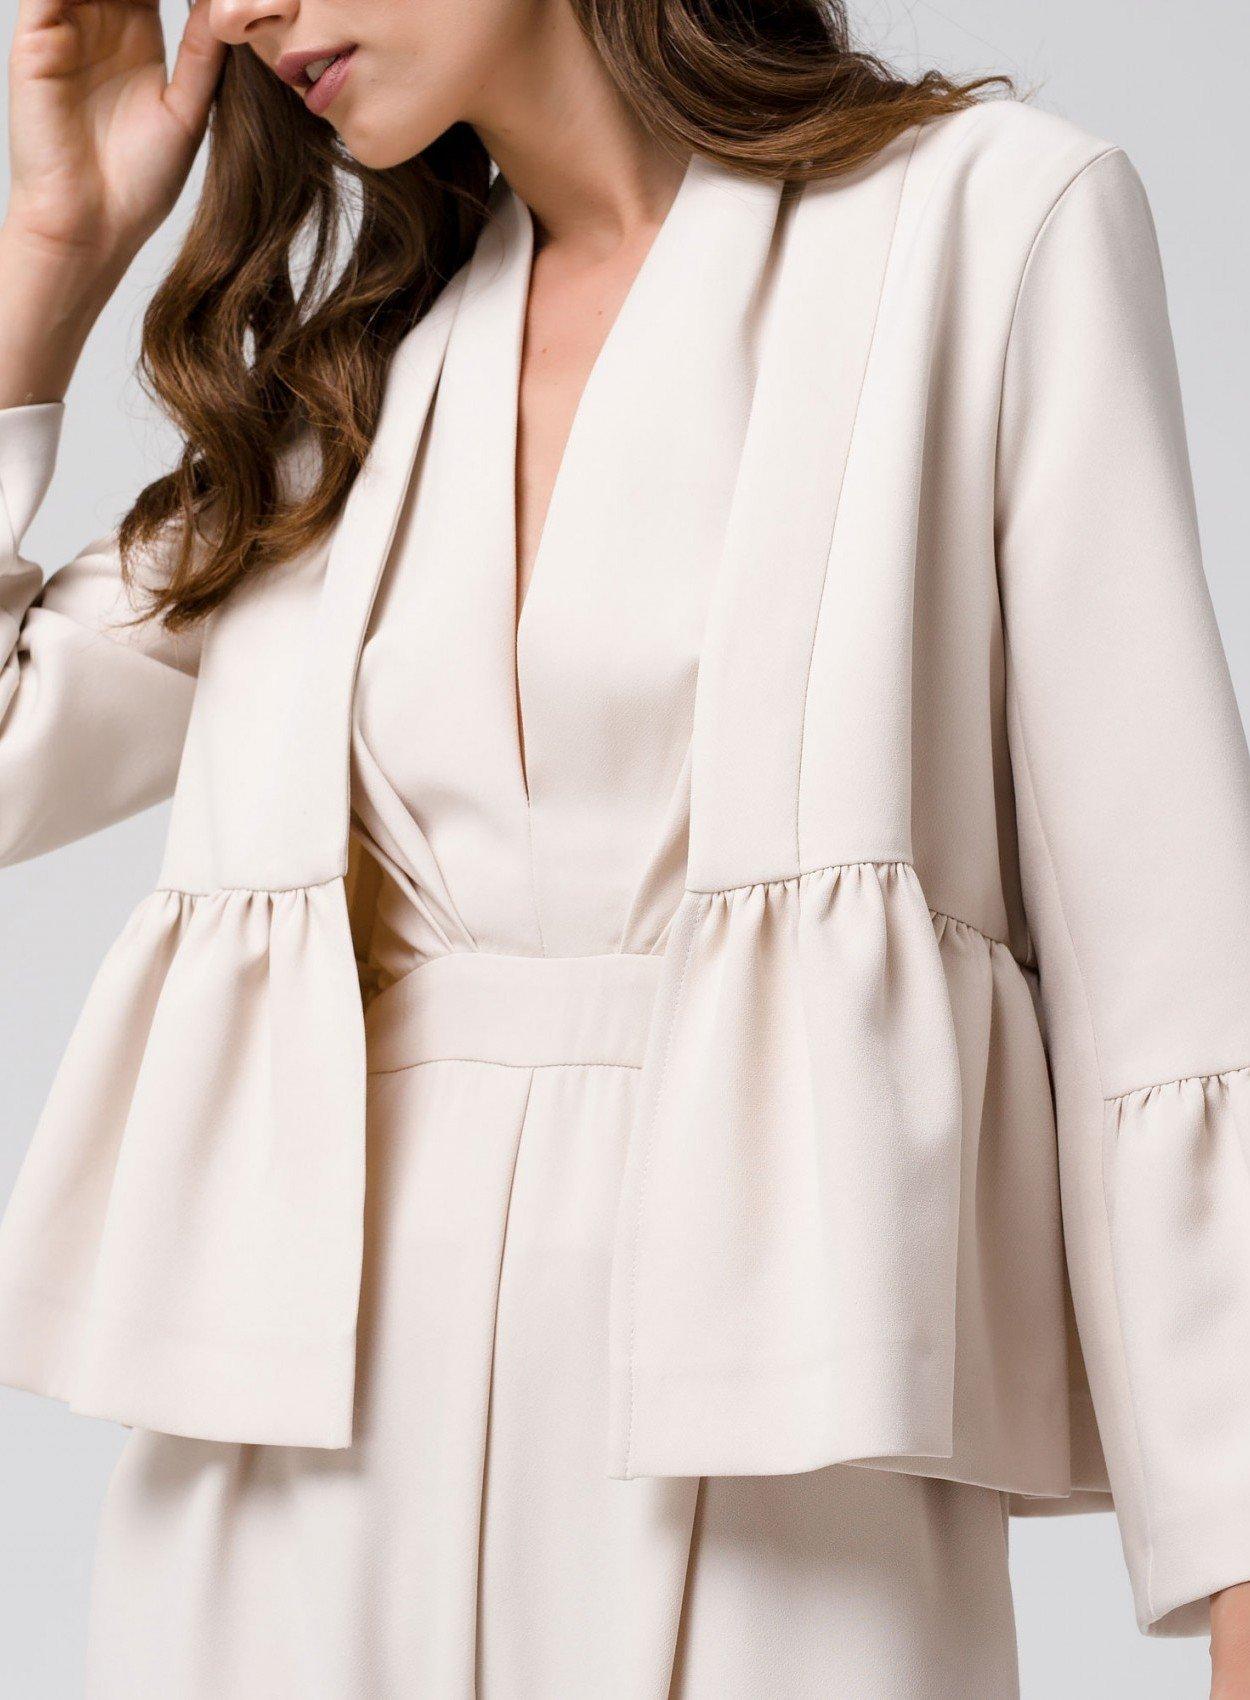 Ivory Jacket ACCJA28-1089